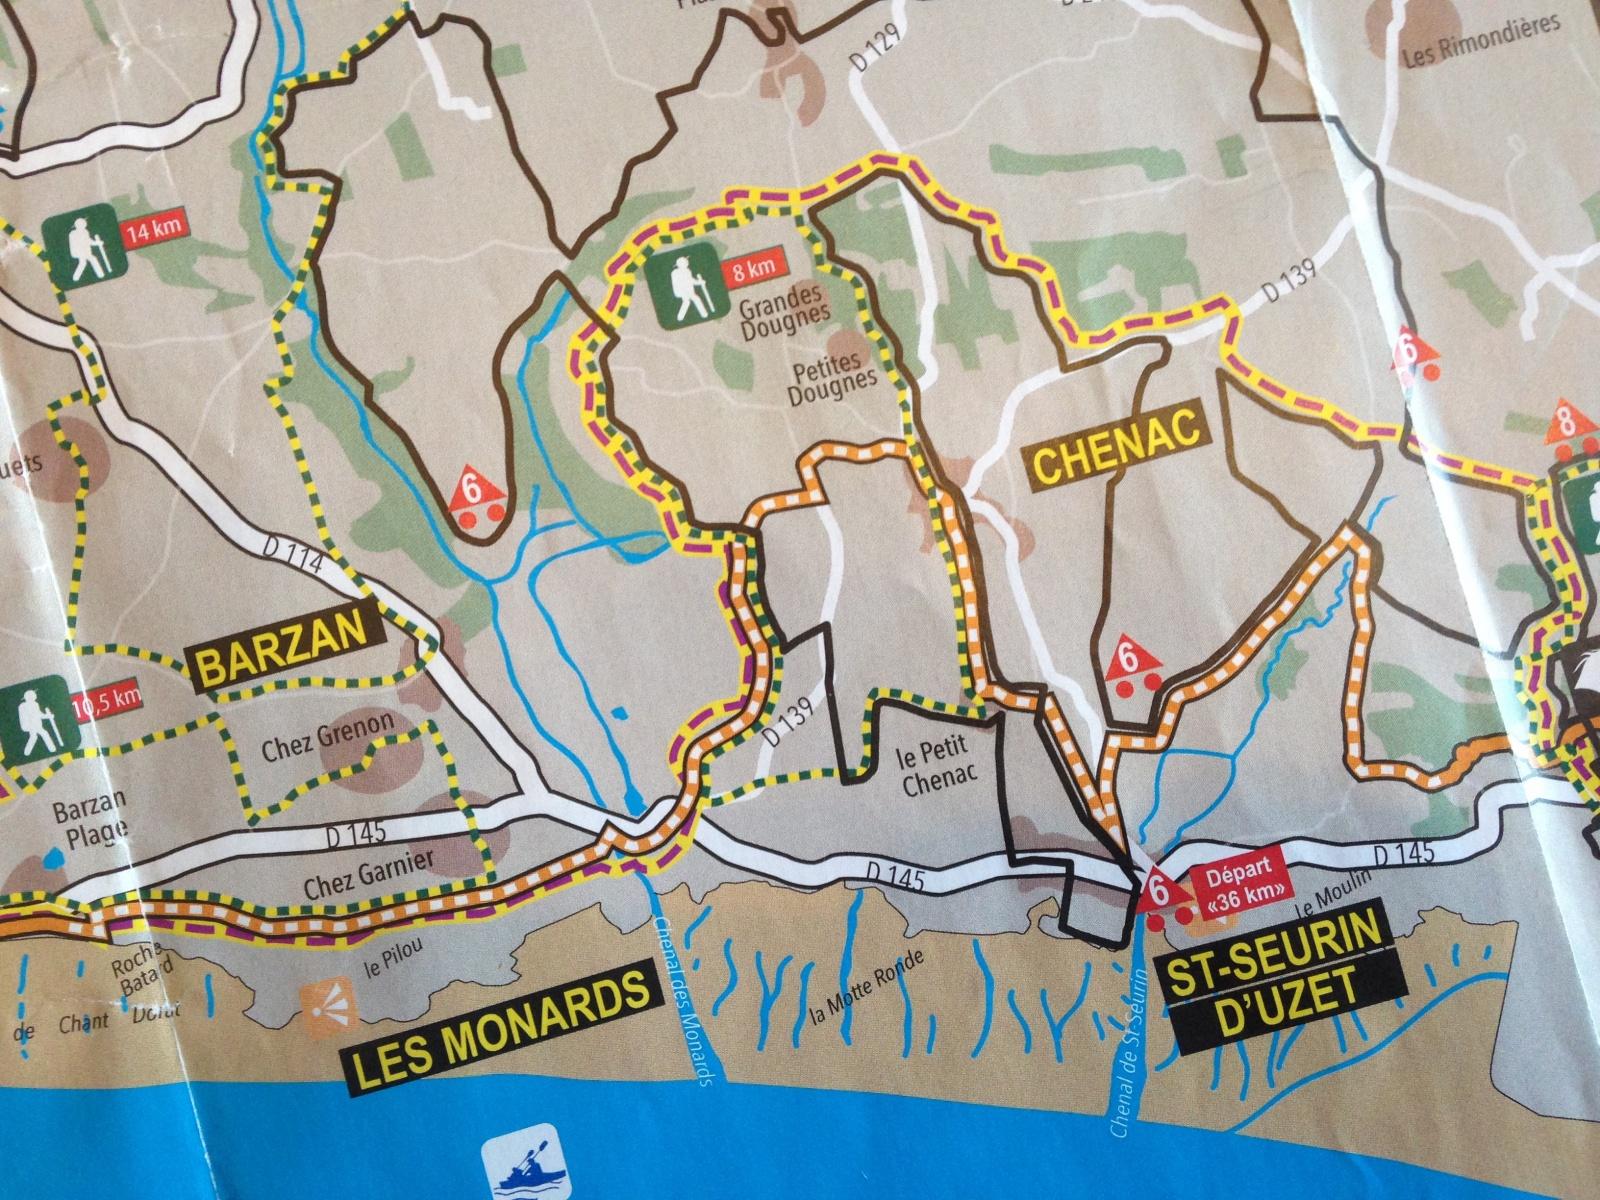 Kaart wandelroute-mountainbiken-fietsen Le Petit Chenac gîtes & chambre d'Hôtes